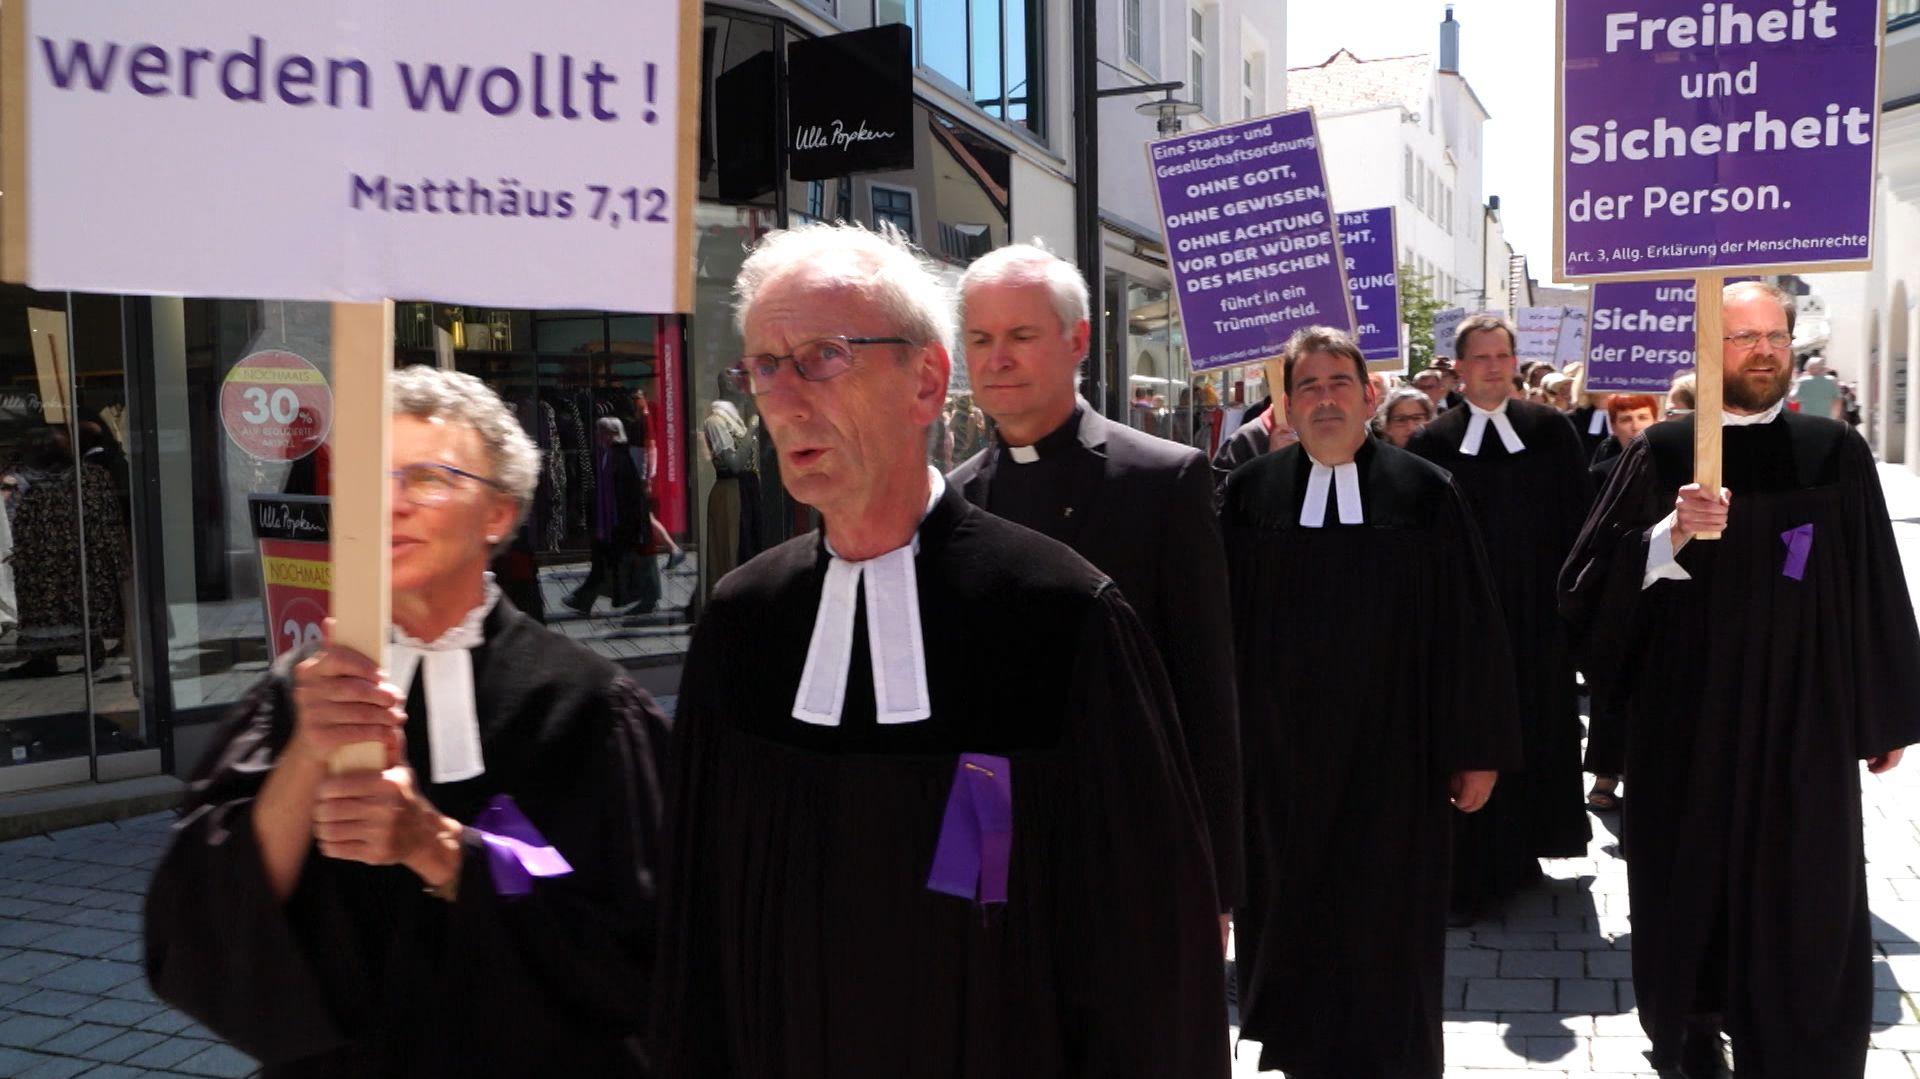 Kirchenvertreter gehen mit Plakaten in der Hand durch Kempten. Hinter ihnen rund 250 Menschen, die sich am Schweigemarsch beteiligt haben.